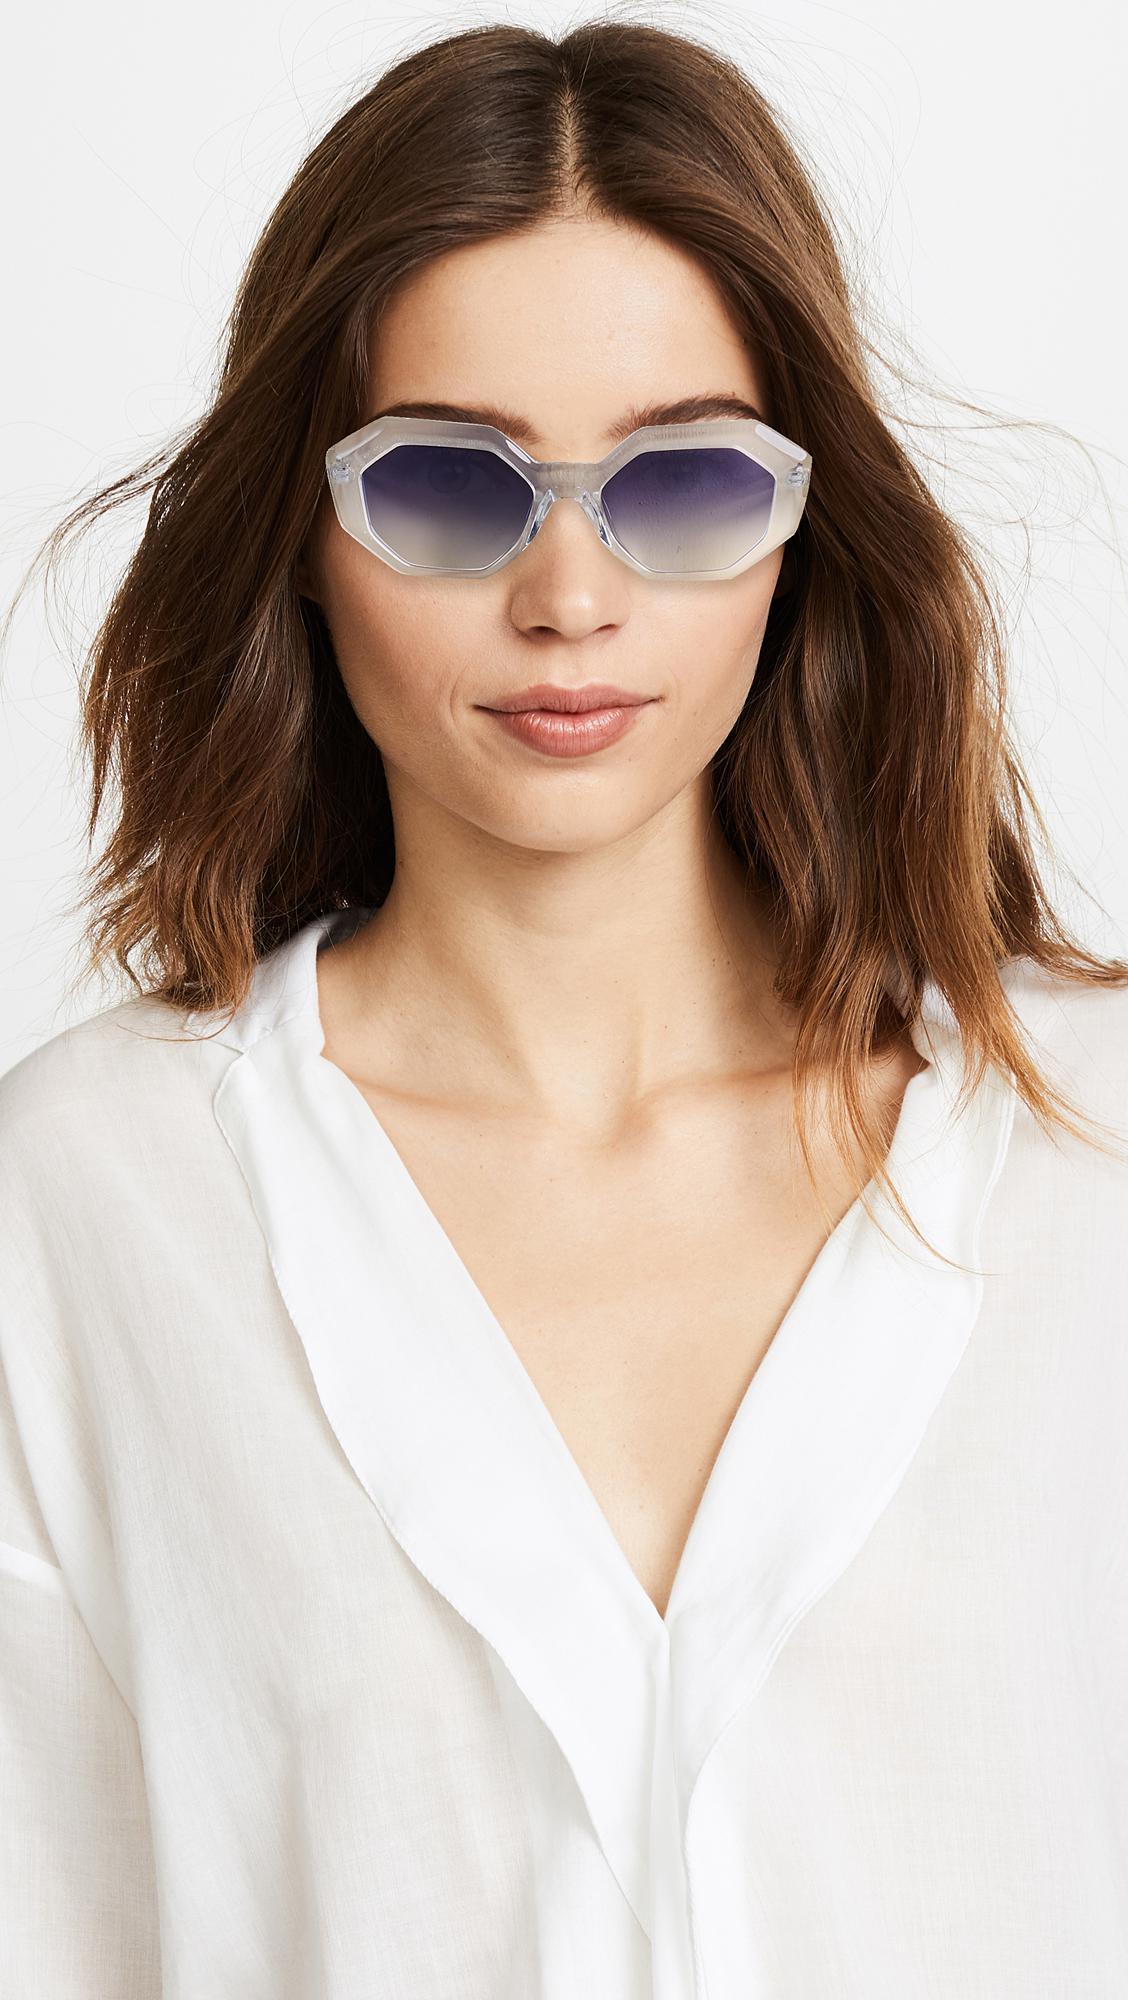 GARRETT LEIGHT Jacqueline sunglasses nEtGd2kvJQ